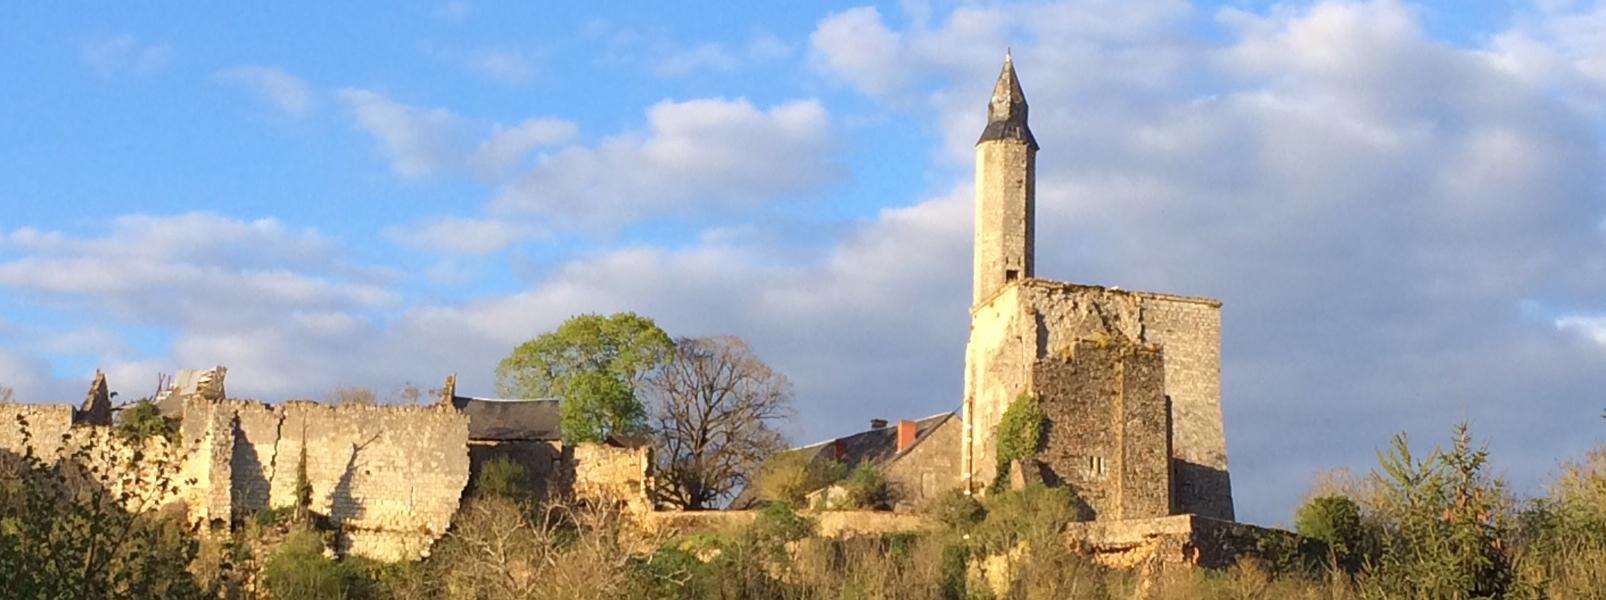 Marmande Castle